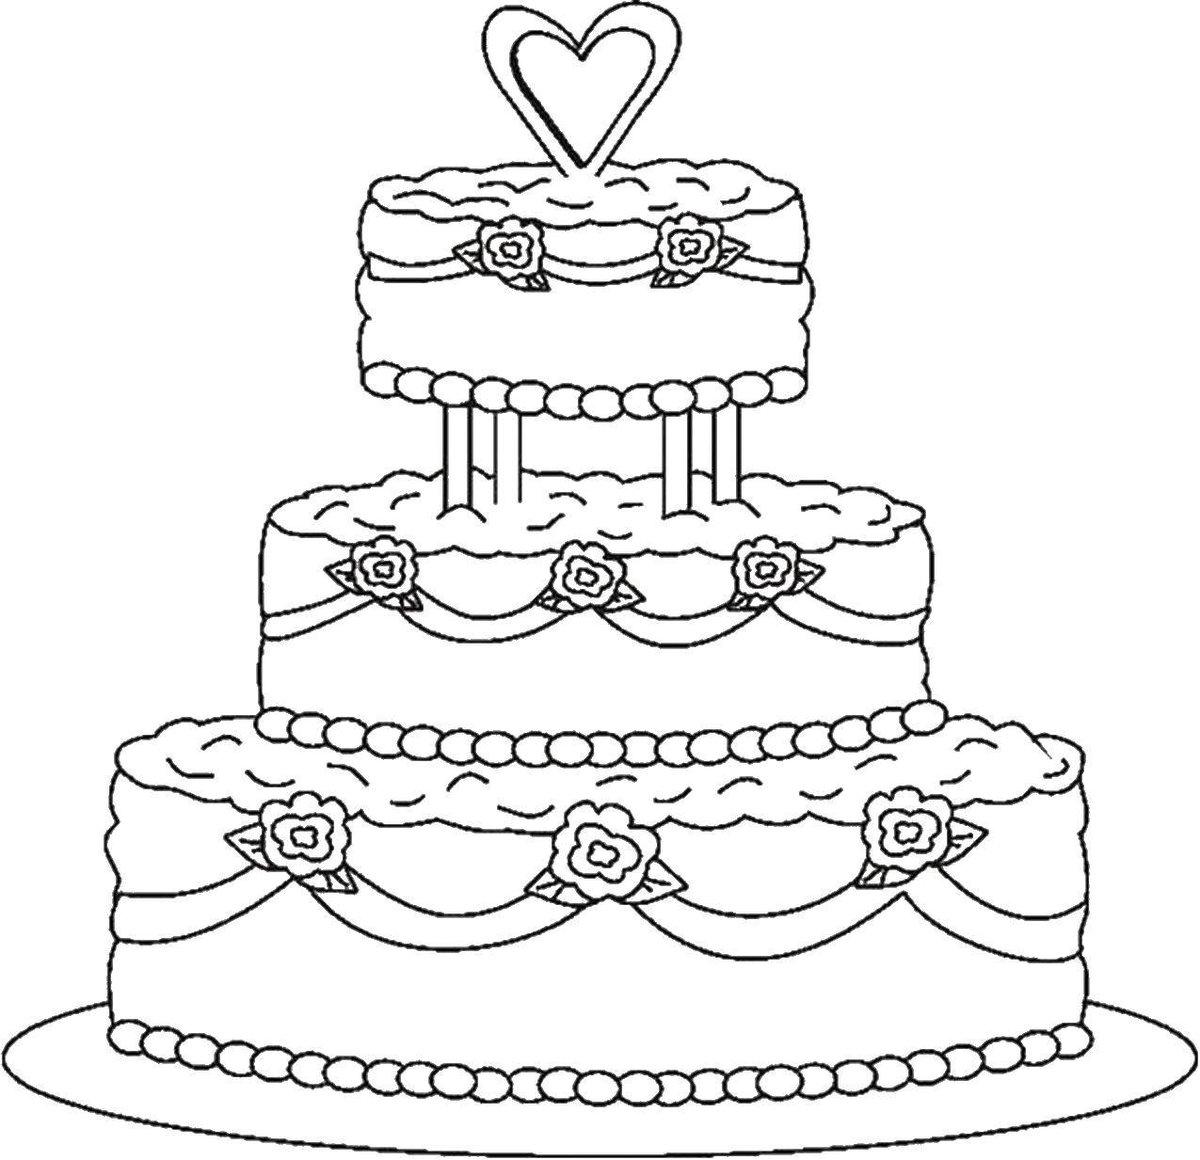 Люська, раскраски торты распечатать